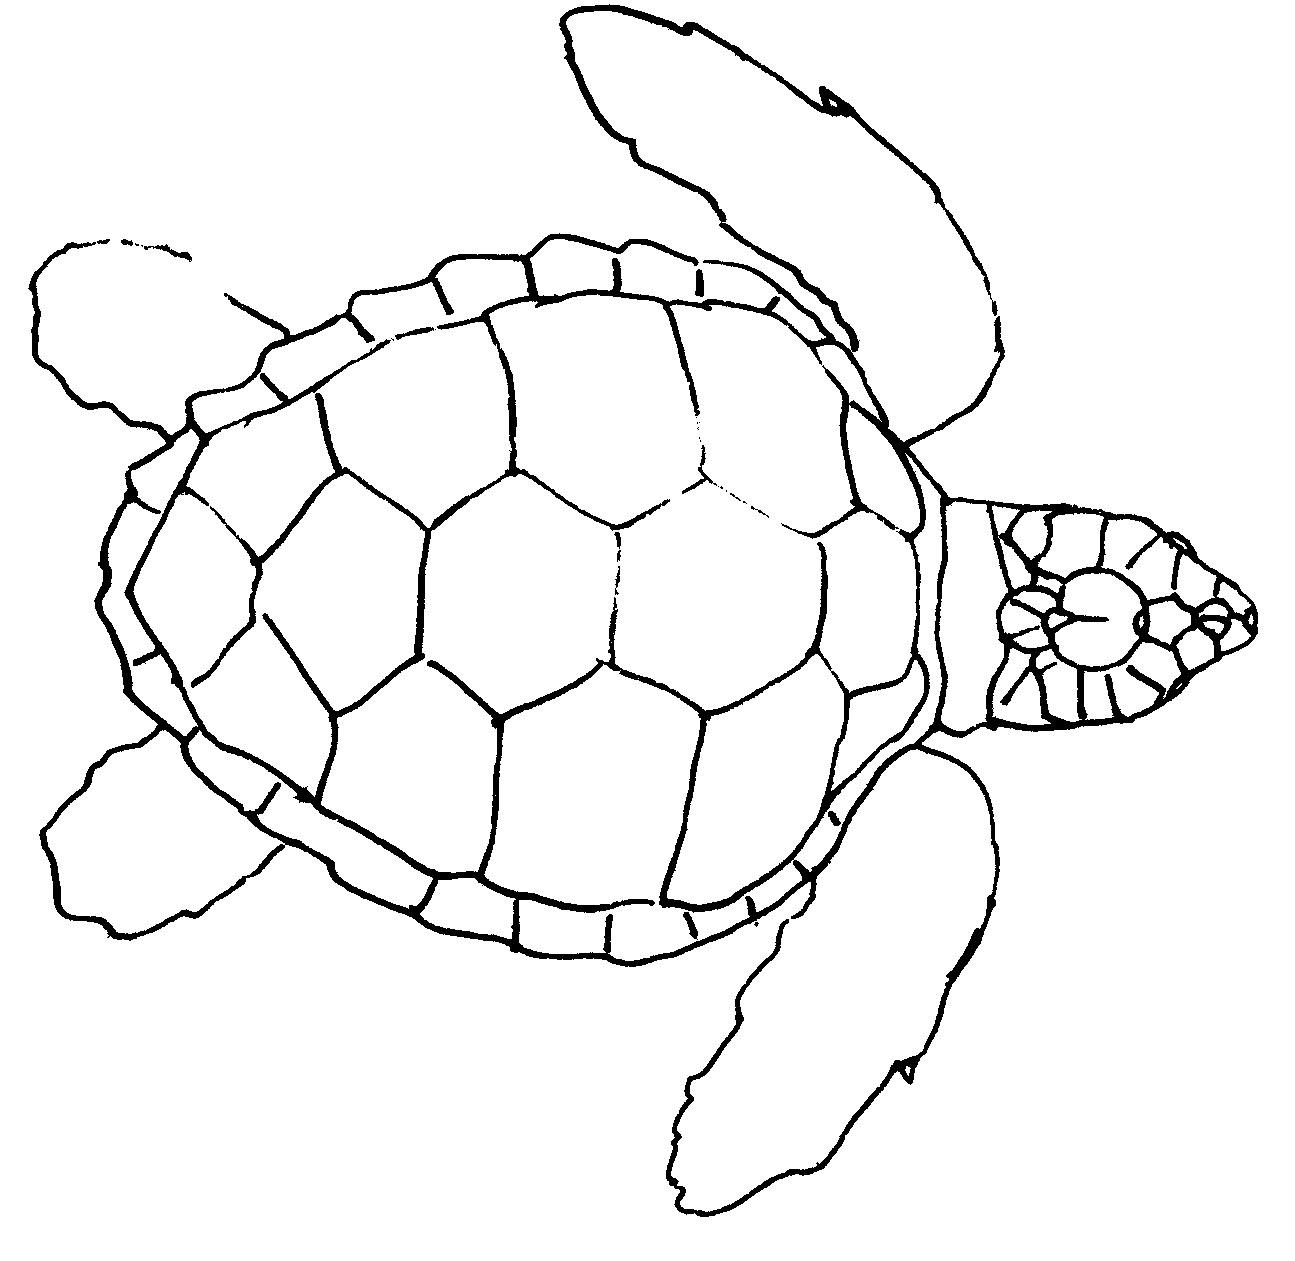 1295x1261 Easy Sea Turtle Drawings